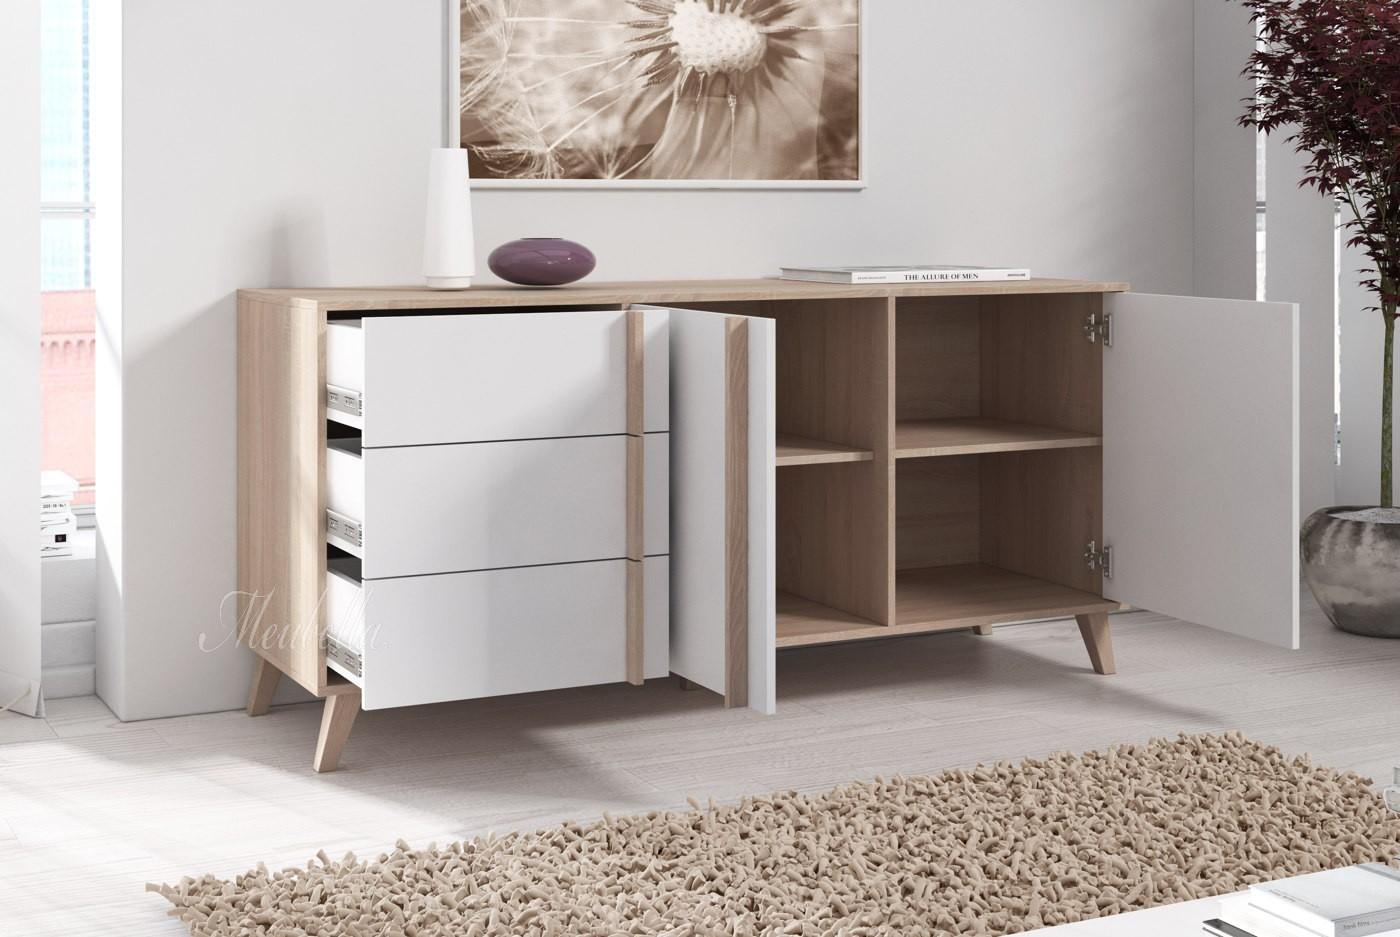 Licht Eiken Dressoir : Woonkamer licht eiken salontafel furniture interior interior